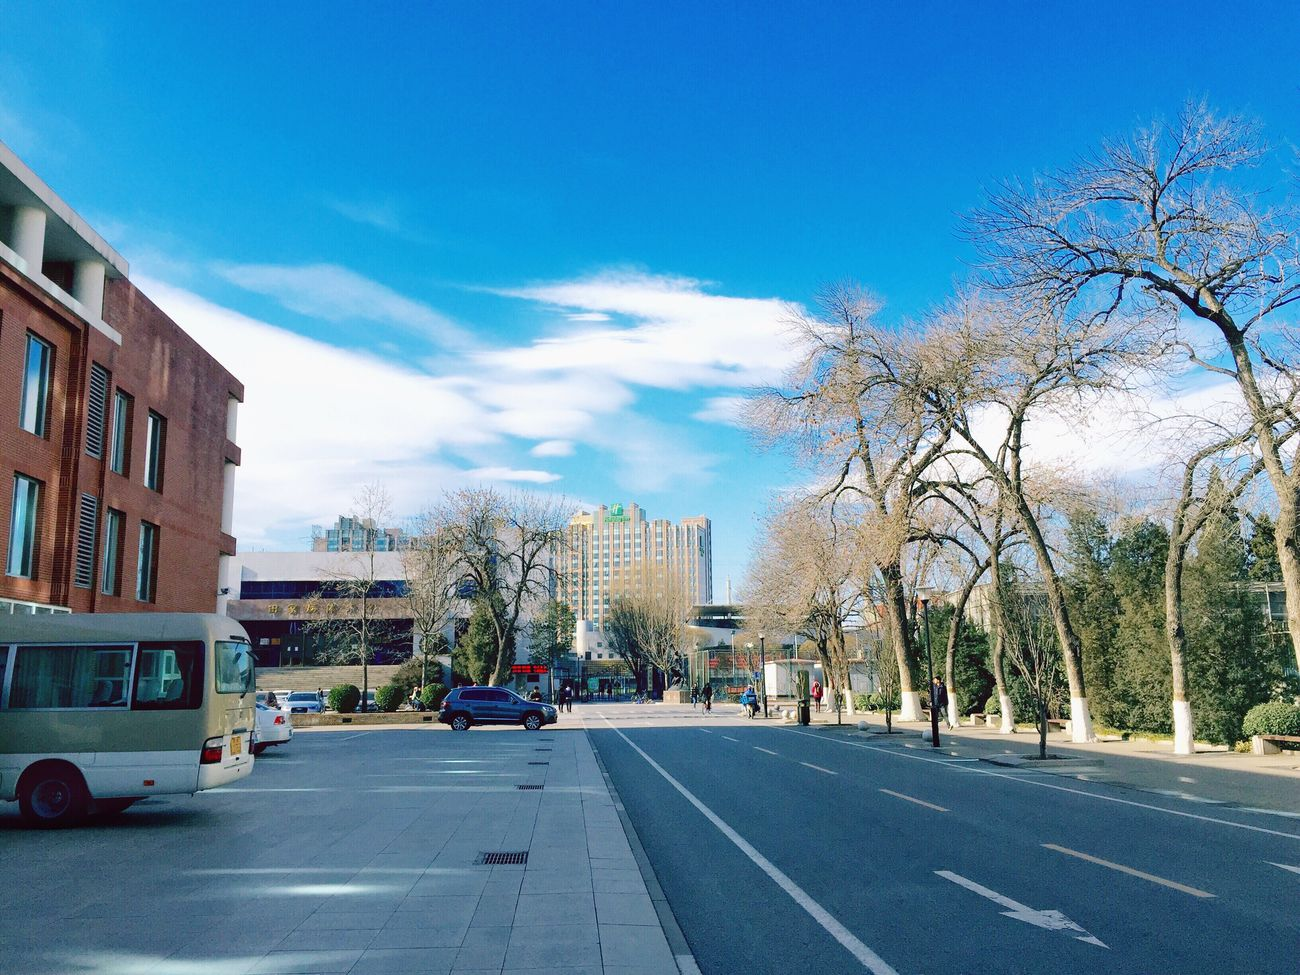 白云是落在天空里的雪。 This is my campus.